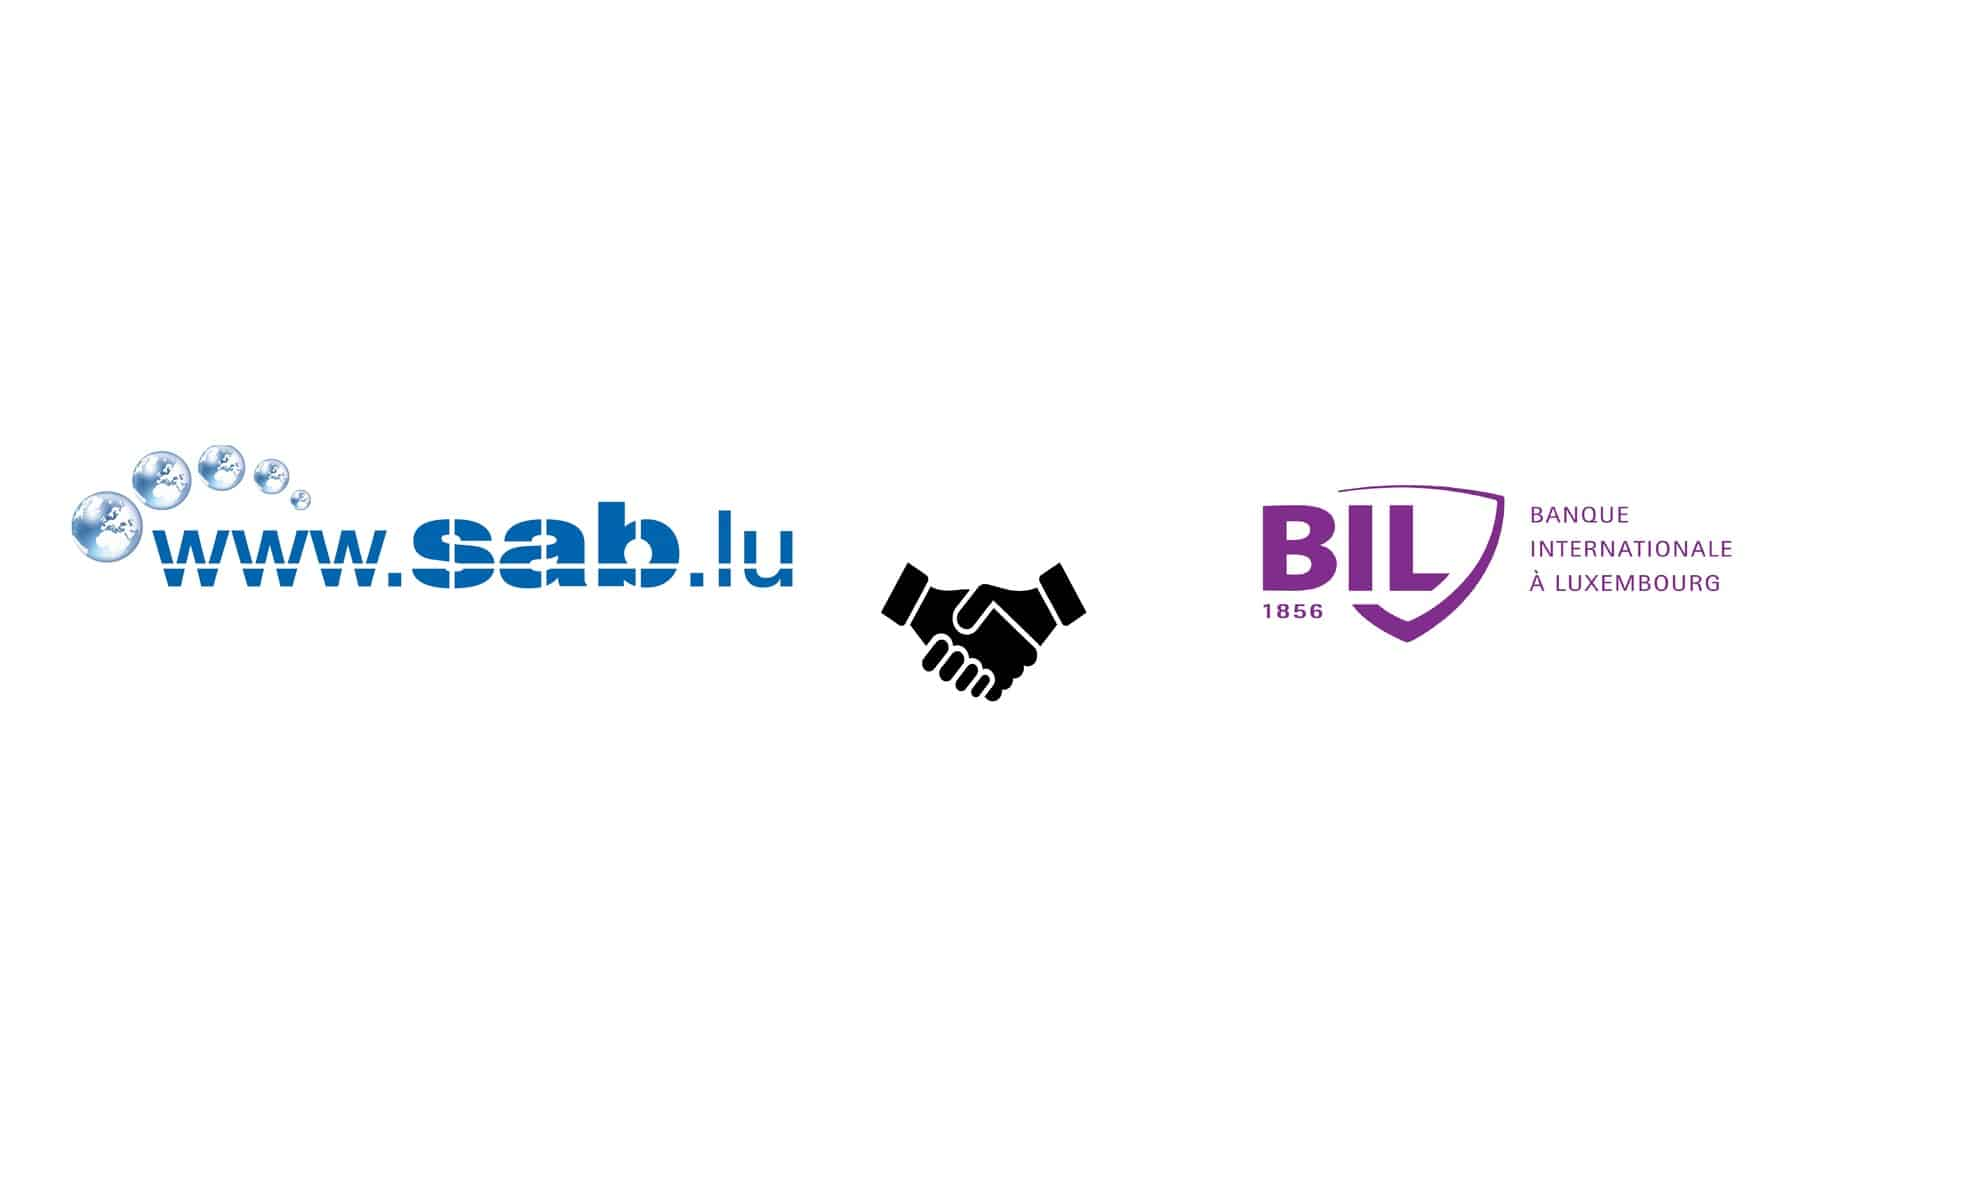 BIL hilft bei der Erfolgsgeschichte  SAB